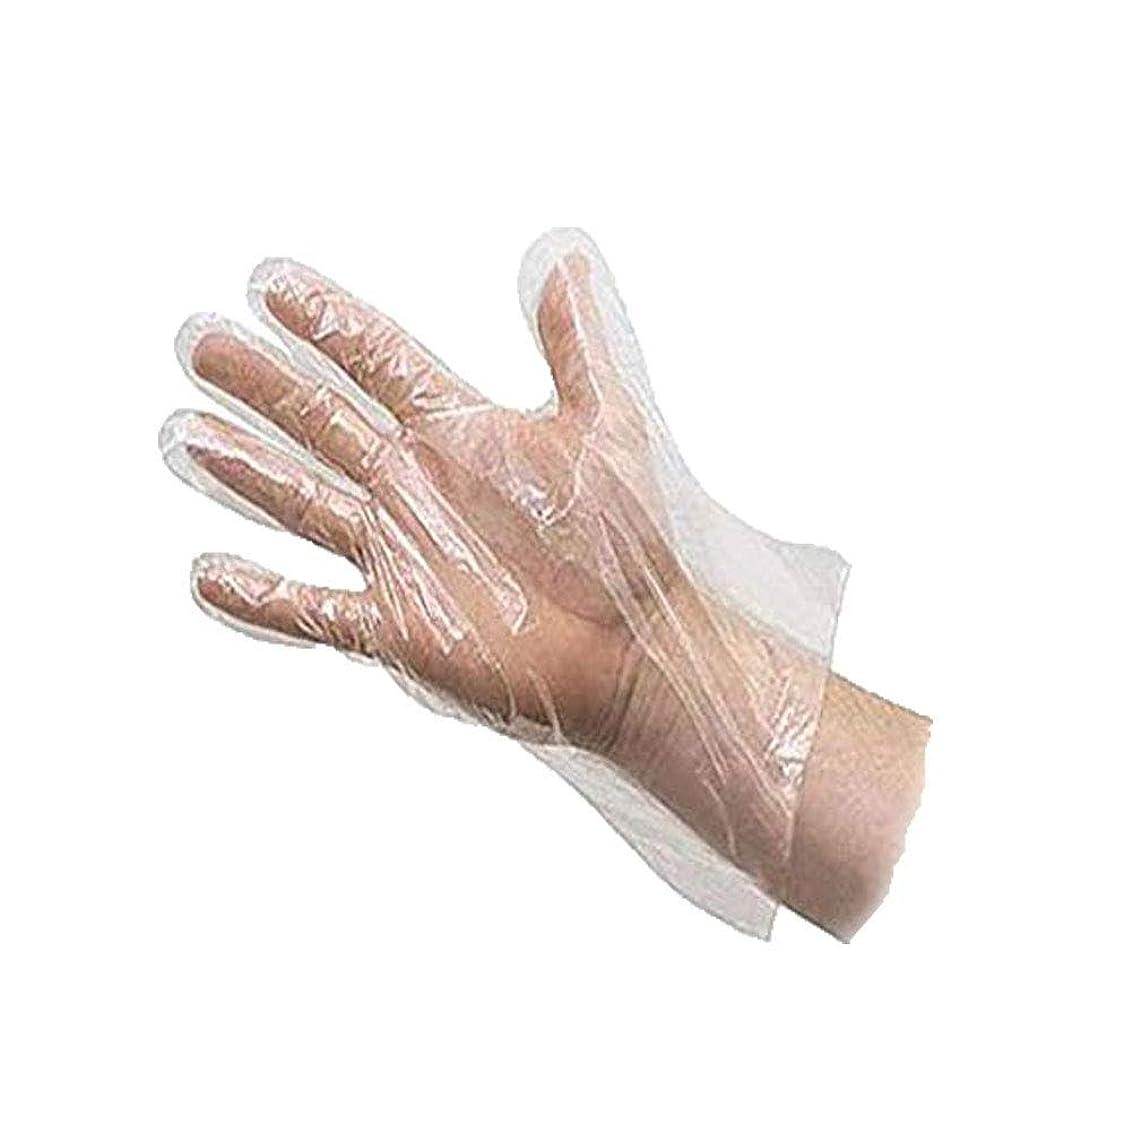 触覚振り子ランチョンUCCU プレミアム 使い捨て手袋 調理用 食品 プラスチック ホワイト 粉なし 食品衛生 透明 左右兼用 薄型 ビニール極薄手袋 100枚入り 便利